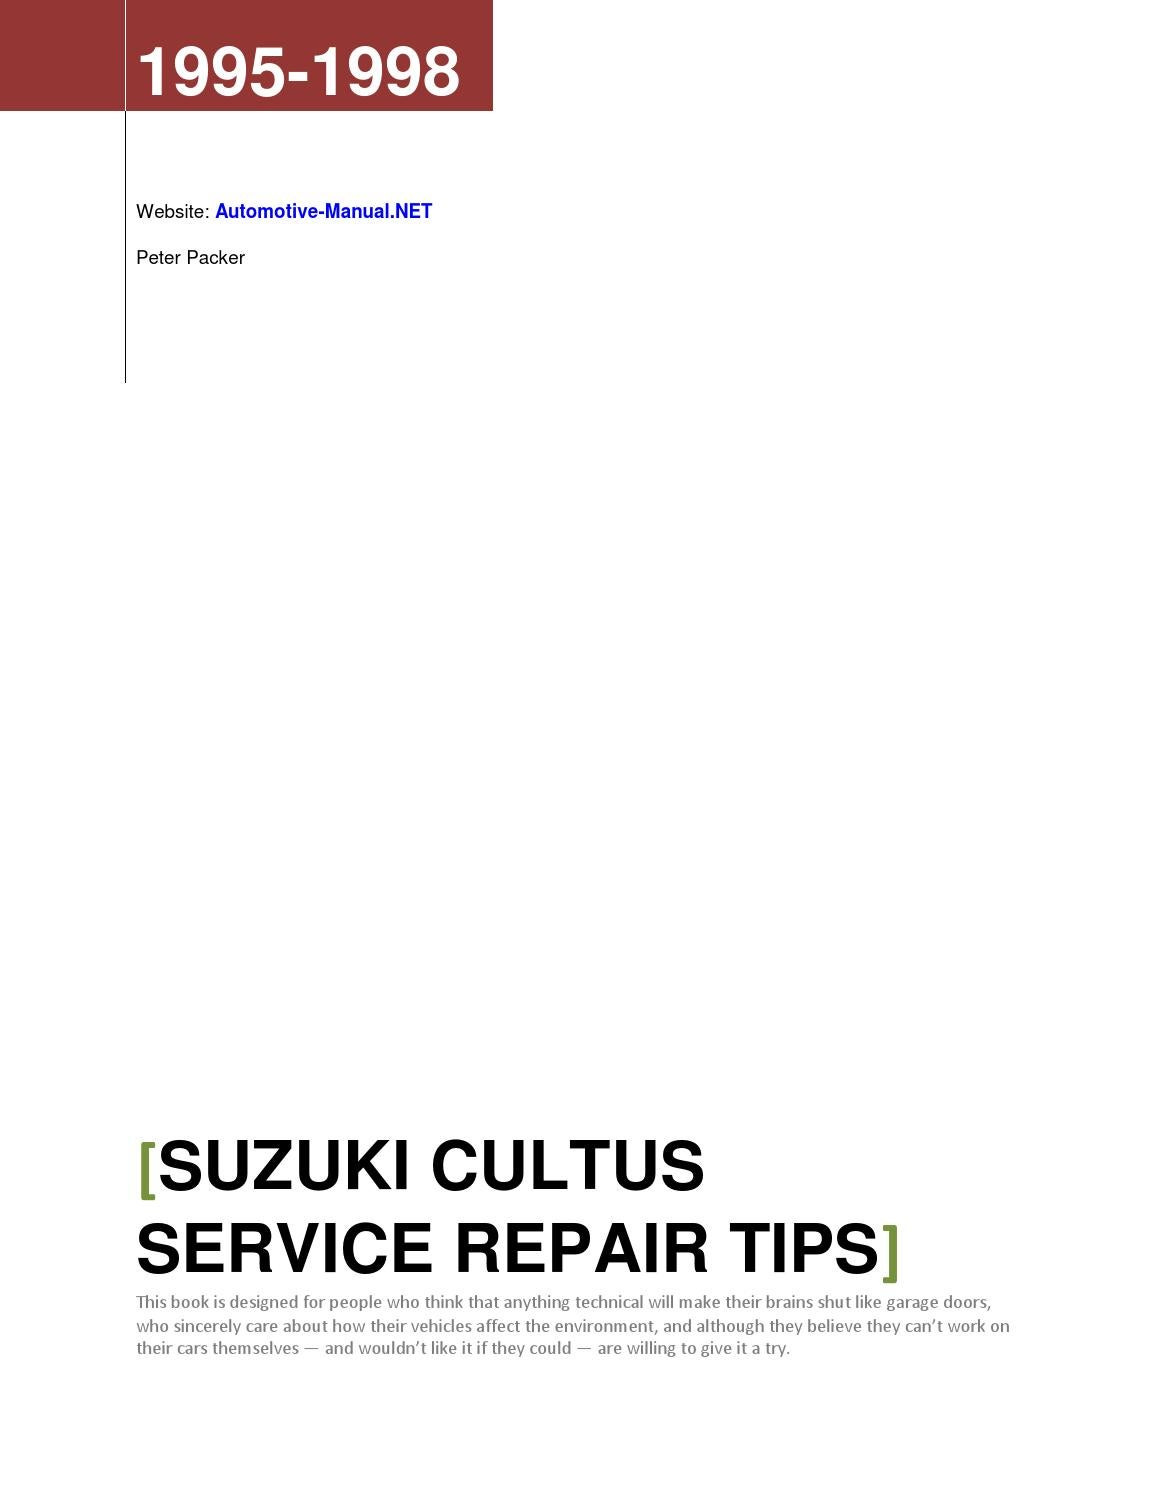 Suzuki Cultus 1995-1998 Service Repair Tips by Armando